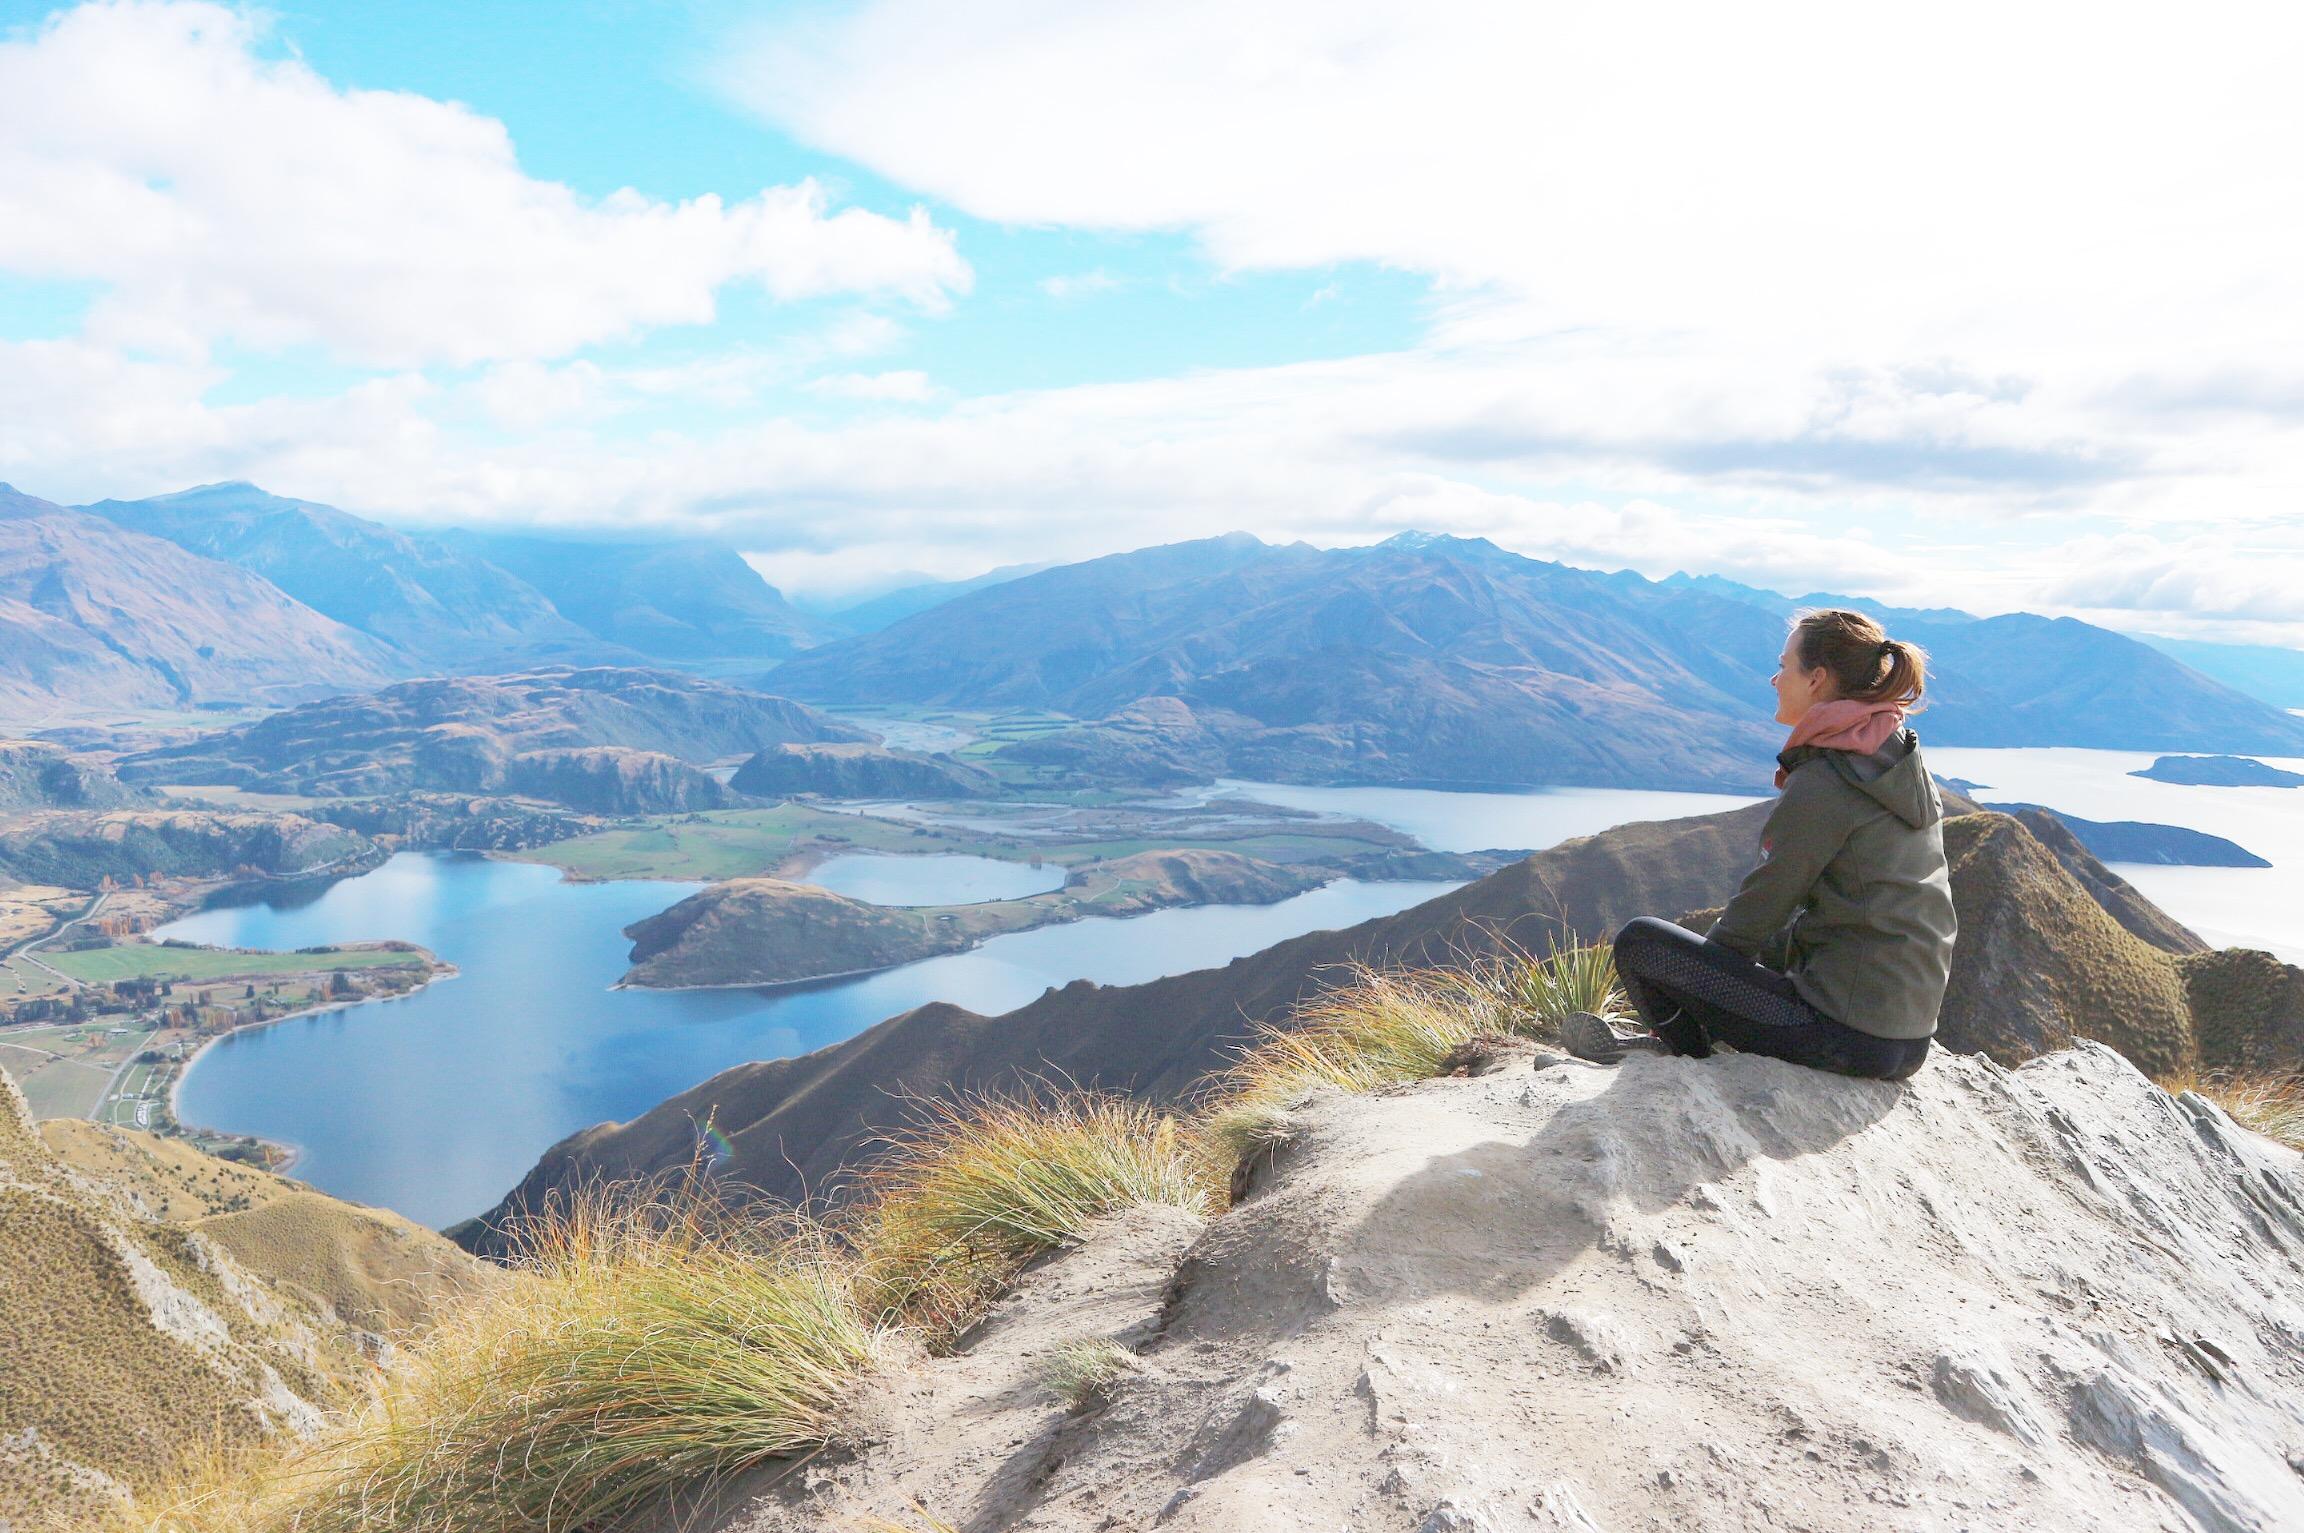 Wereldreis, Nieuw-Zeeland, reizen, camper, Wanaka, relocation, backpack, backpacken, vakantie, wanderlust, Noordereiland, Zuidereiland